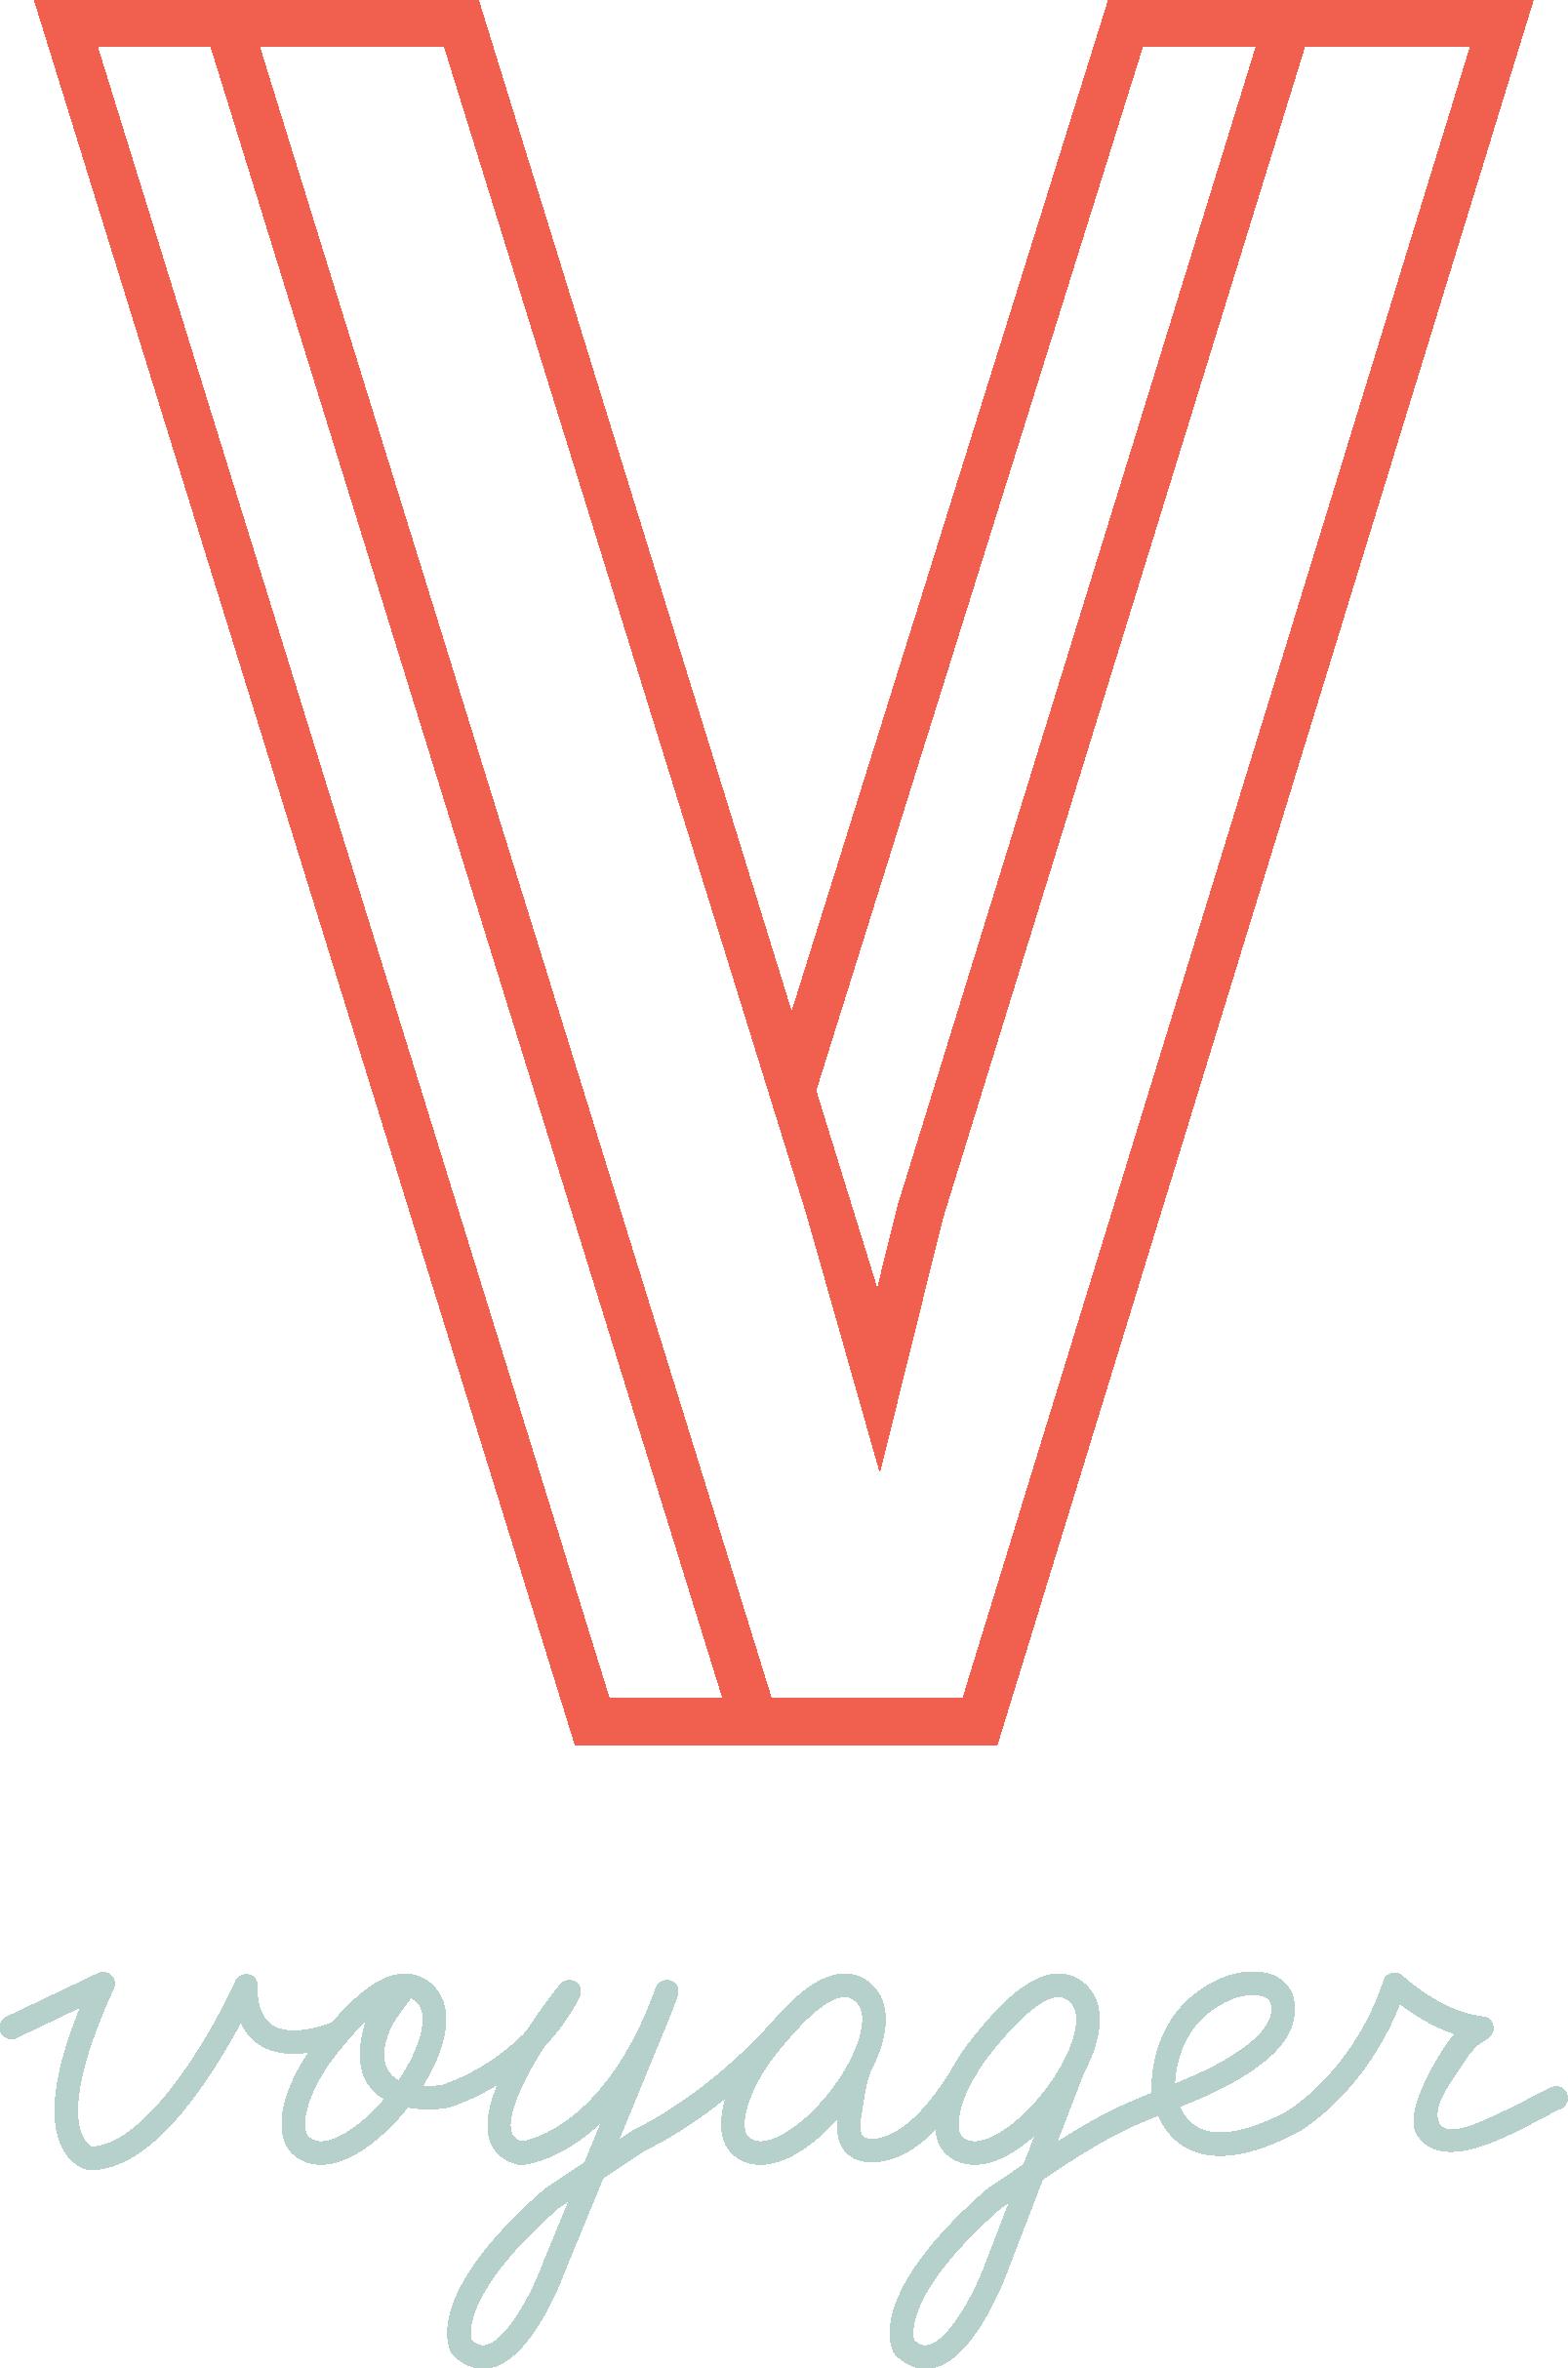 Voyager Ferndale